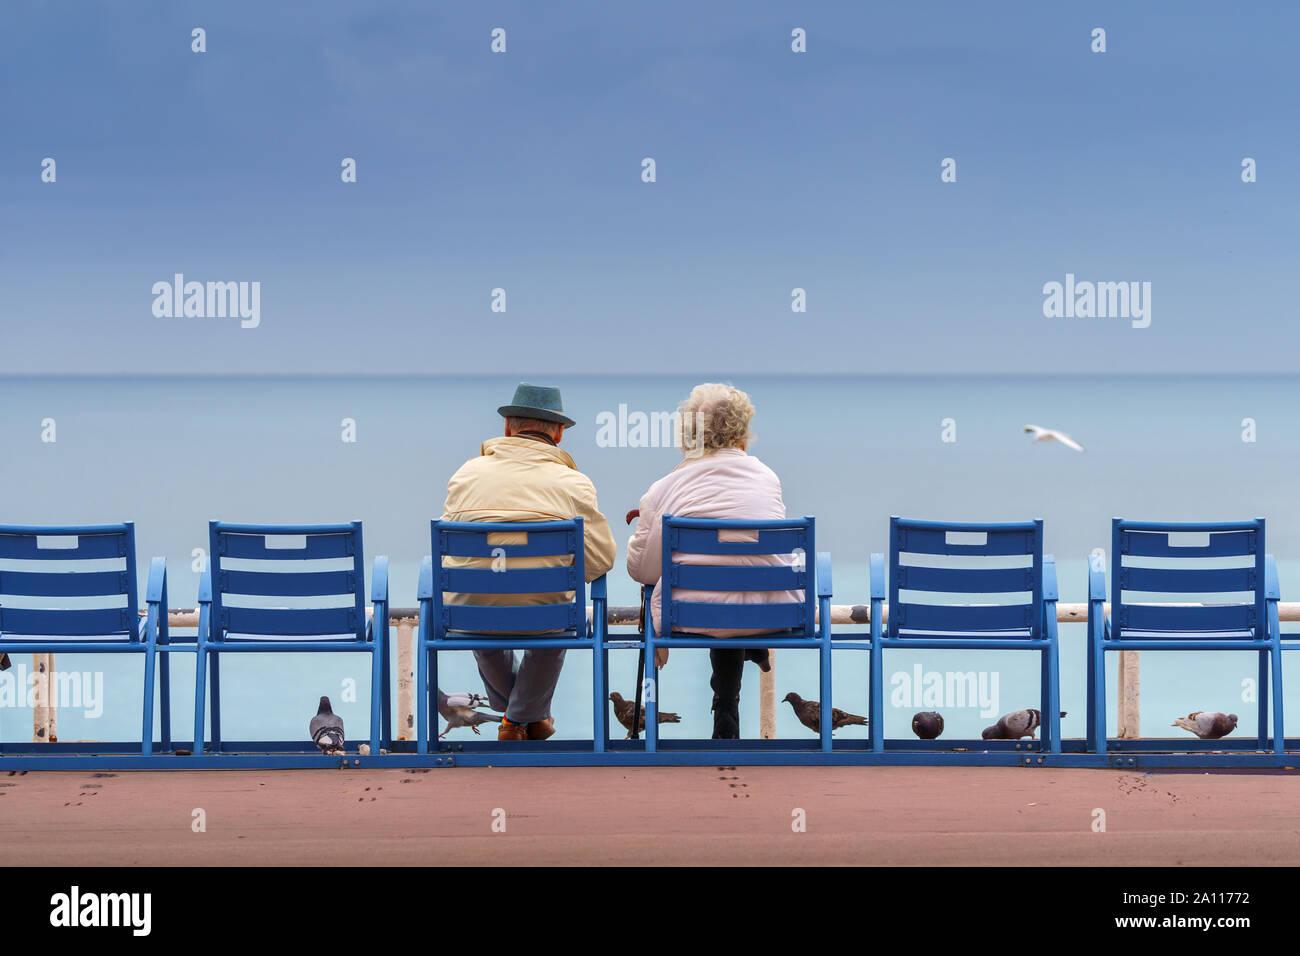 Vida feliz y longevo concepto. Apuesto hombre viejo y hermosa anciana sentados juntos Foto de stock